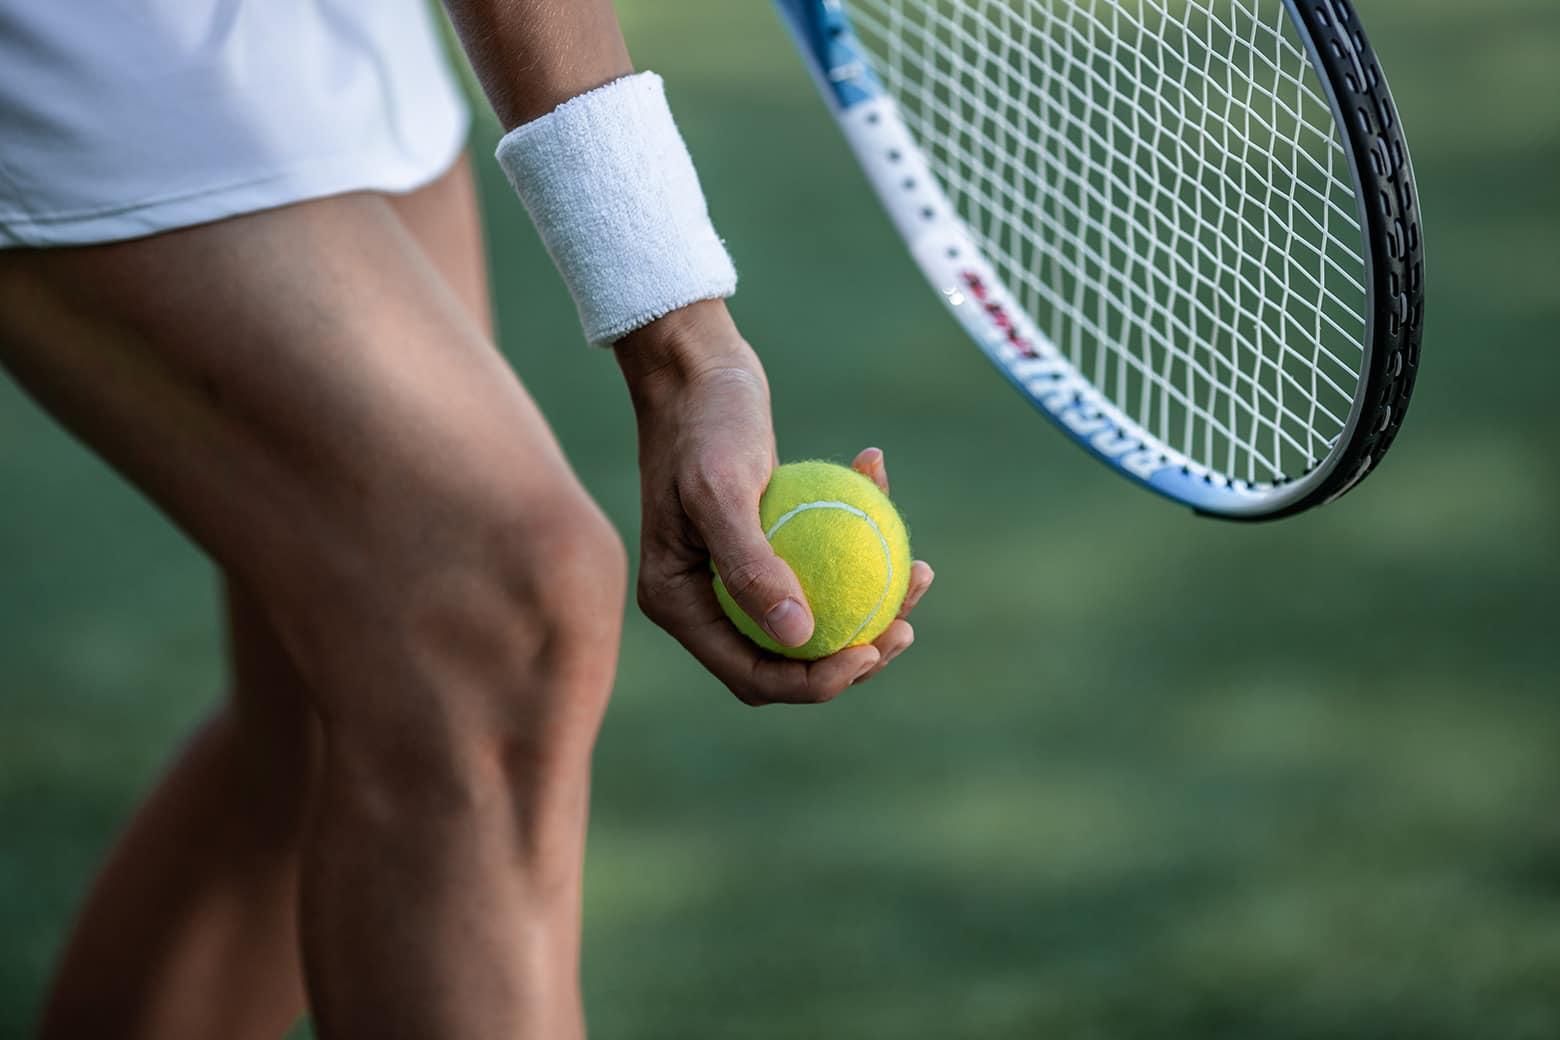 Обучение игре в теннис